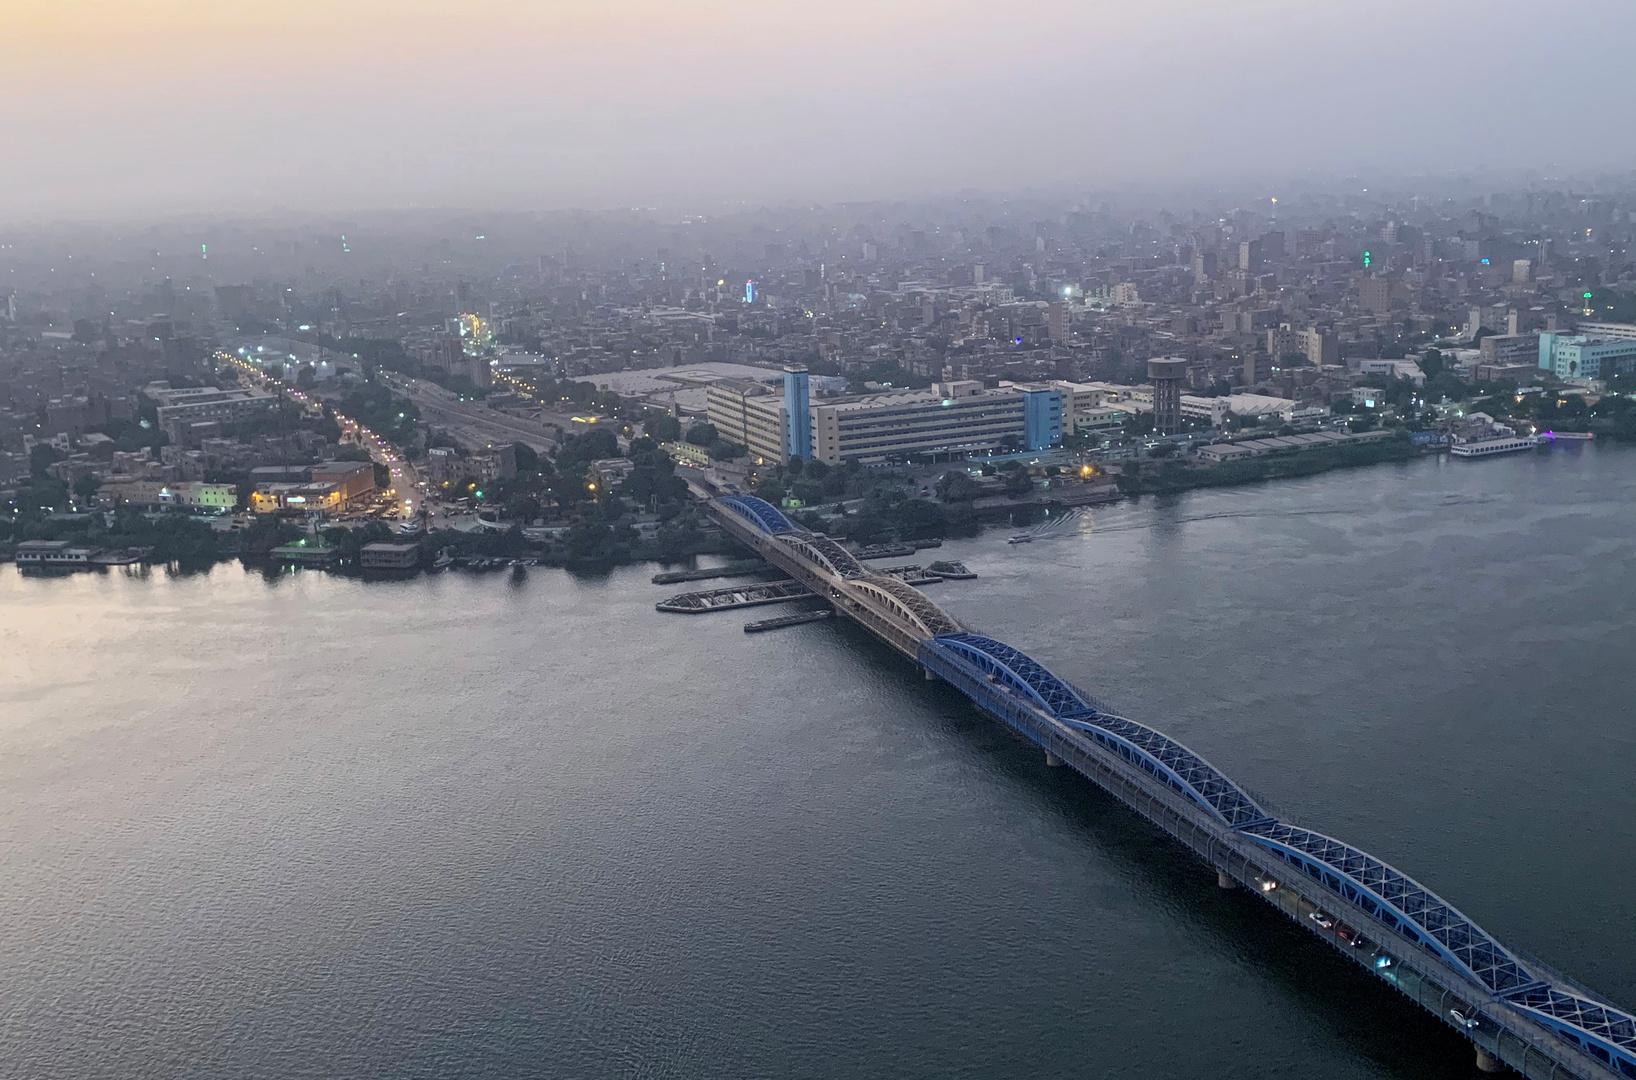 وزير الري المصري يطالب بتشغيل محطات الطوارئ إذا لزم الأمر لمواجهة فيضان النيل